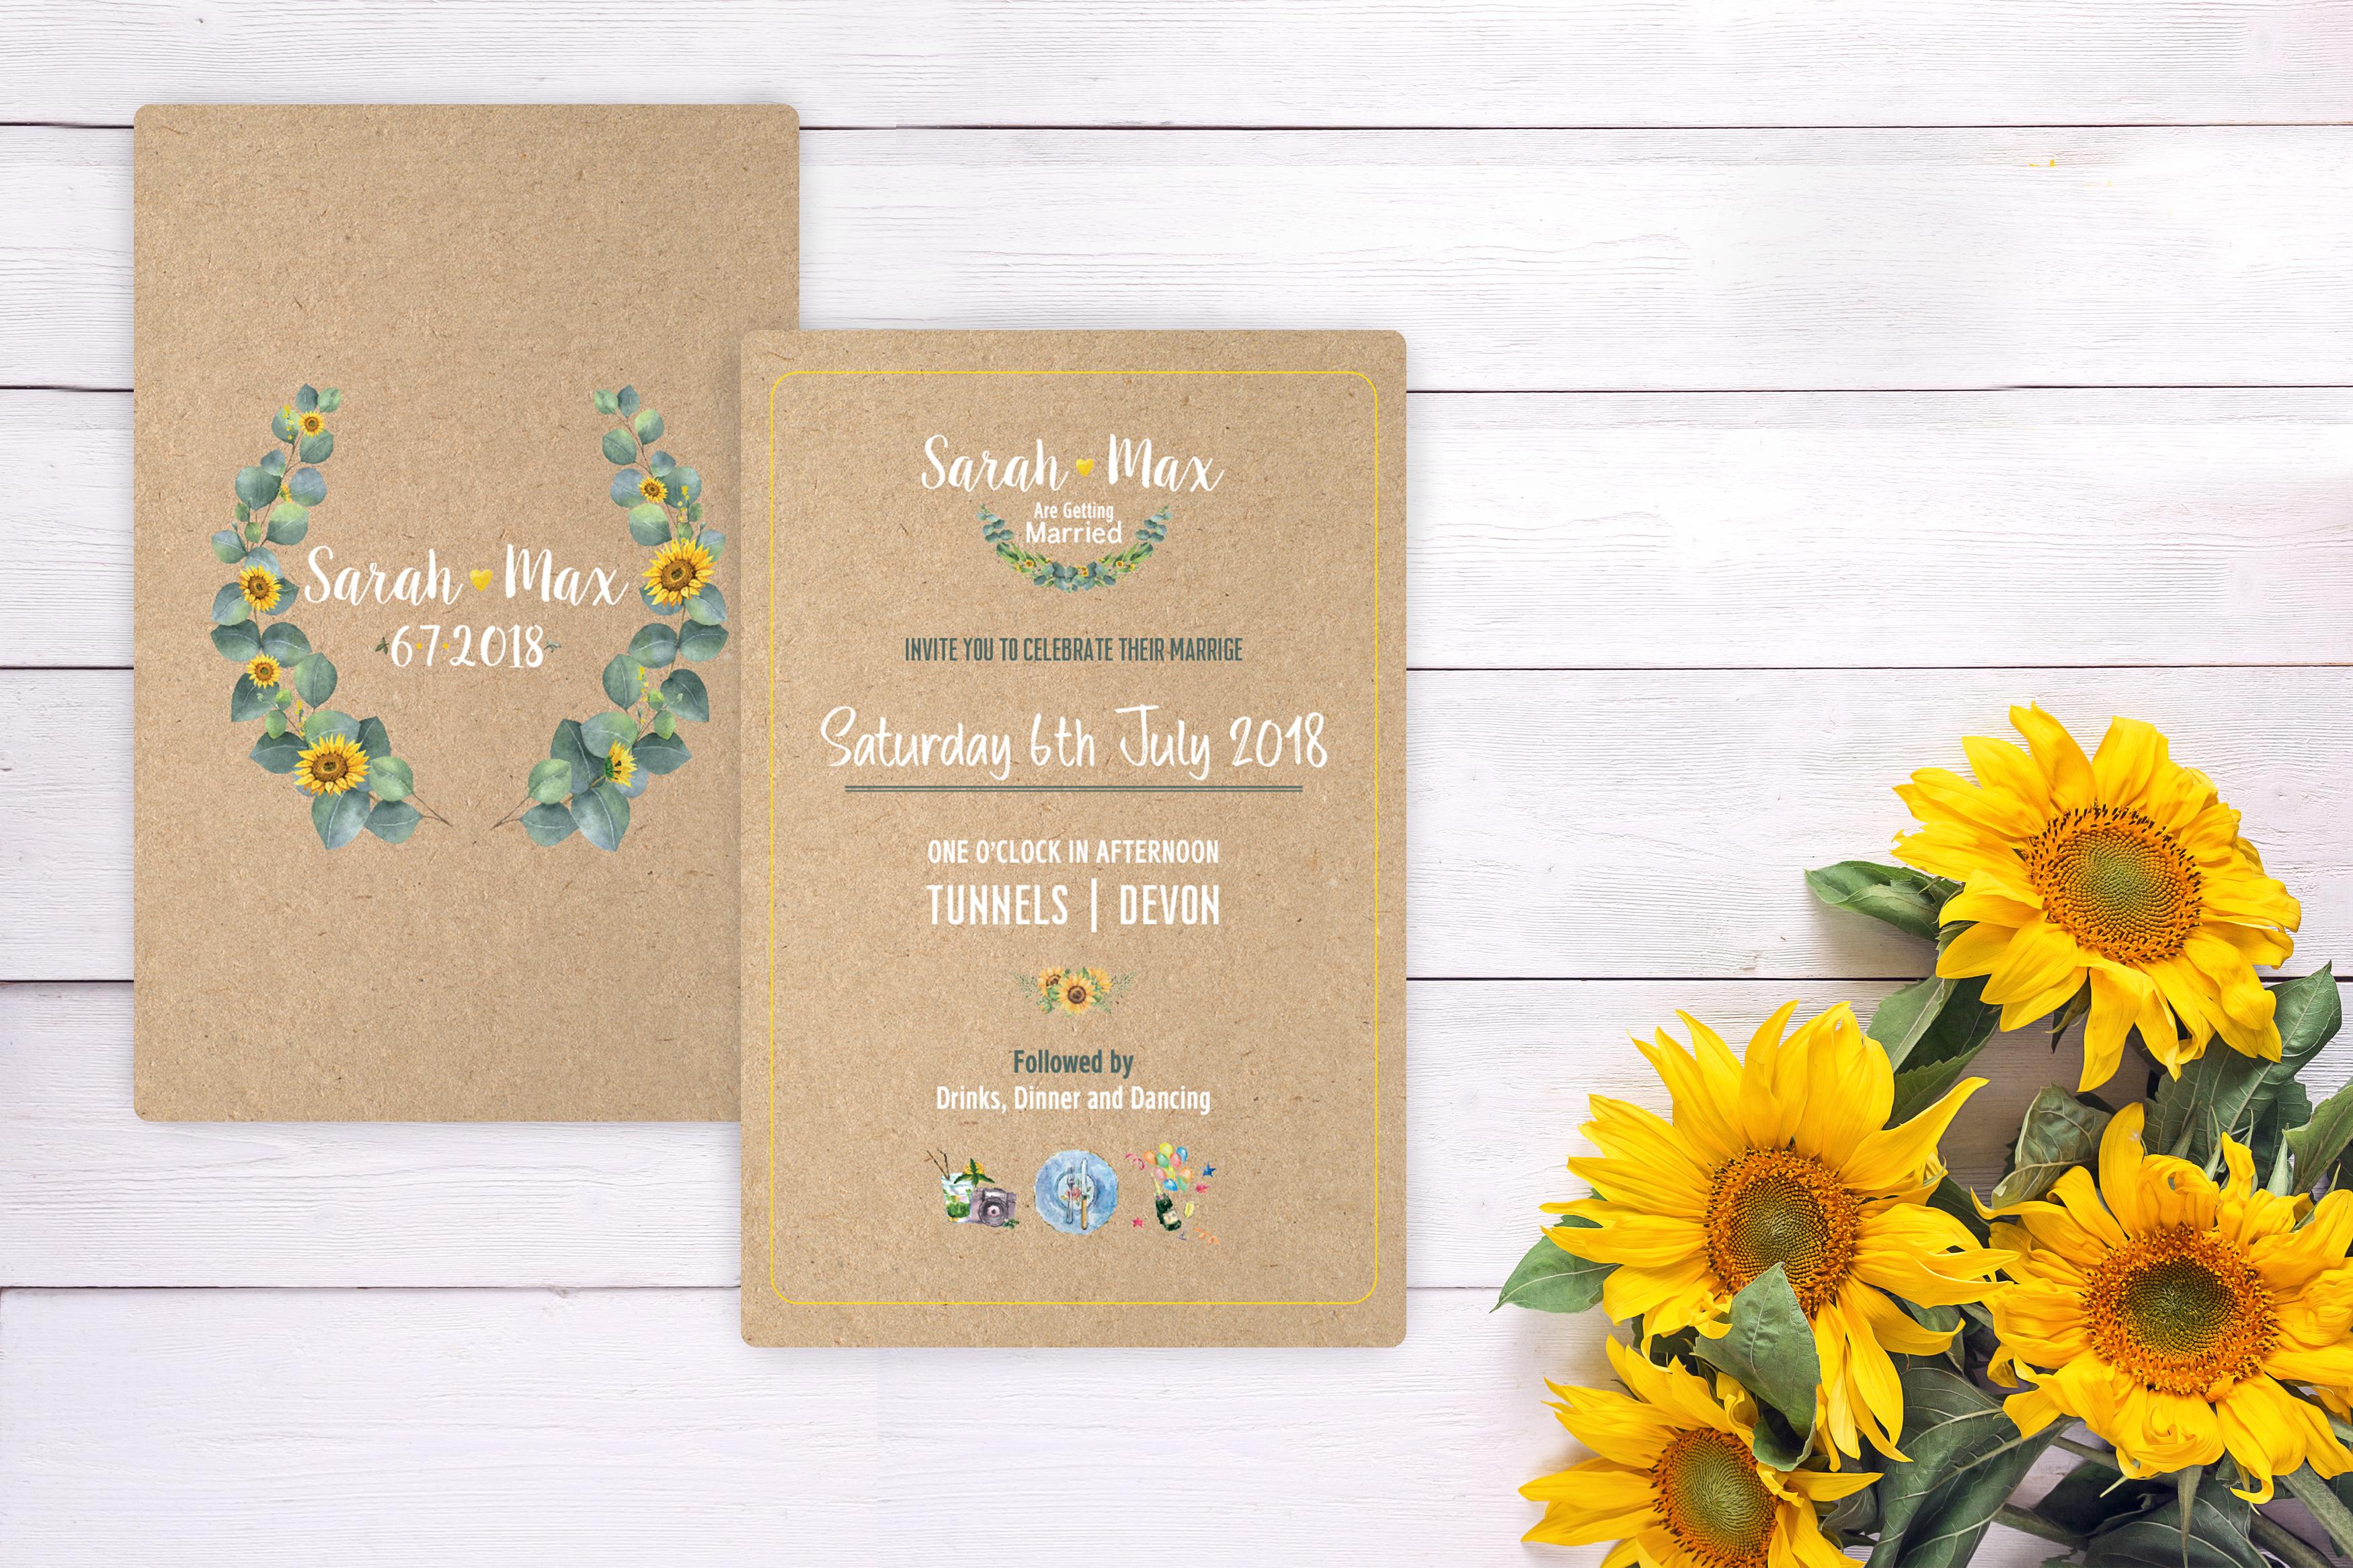 natalie_klug_sunflower_live_wedding_invi